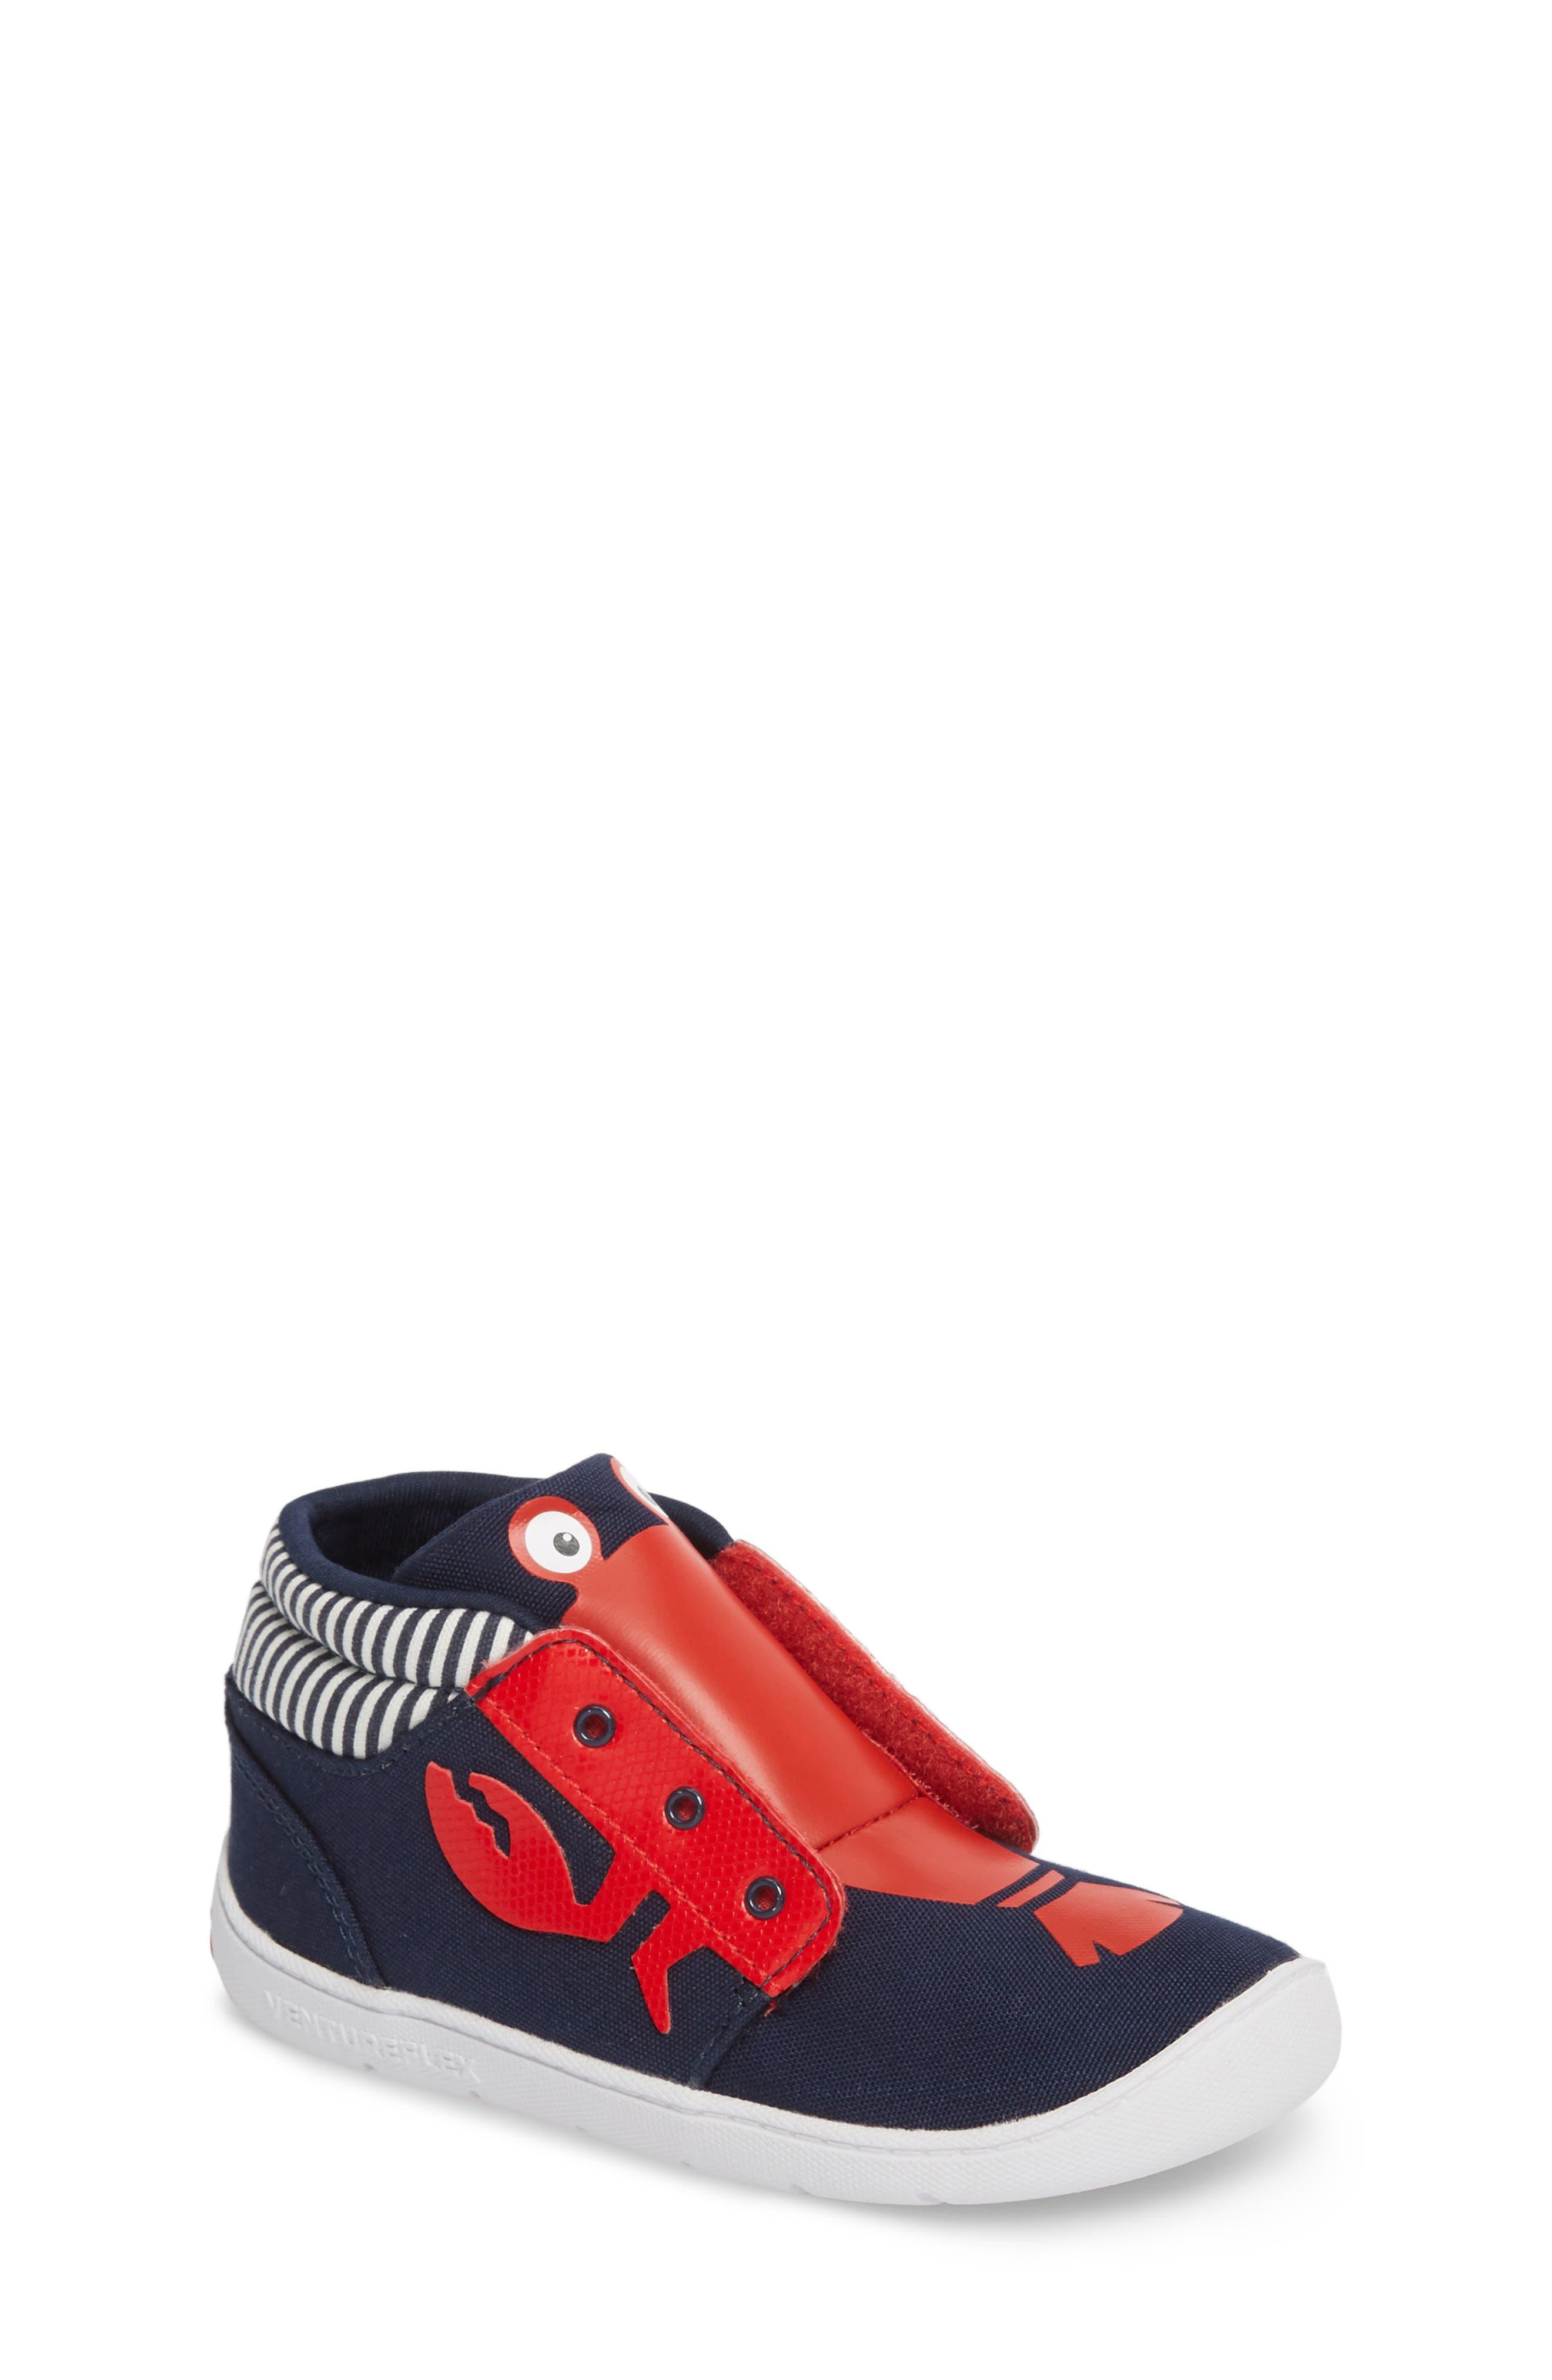 Ventureflex High Top Critter Sneaker,                             Main thumbnail 1, color,                             400